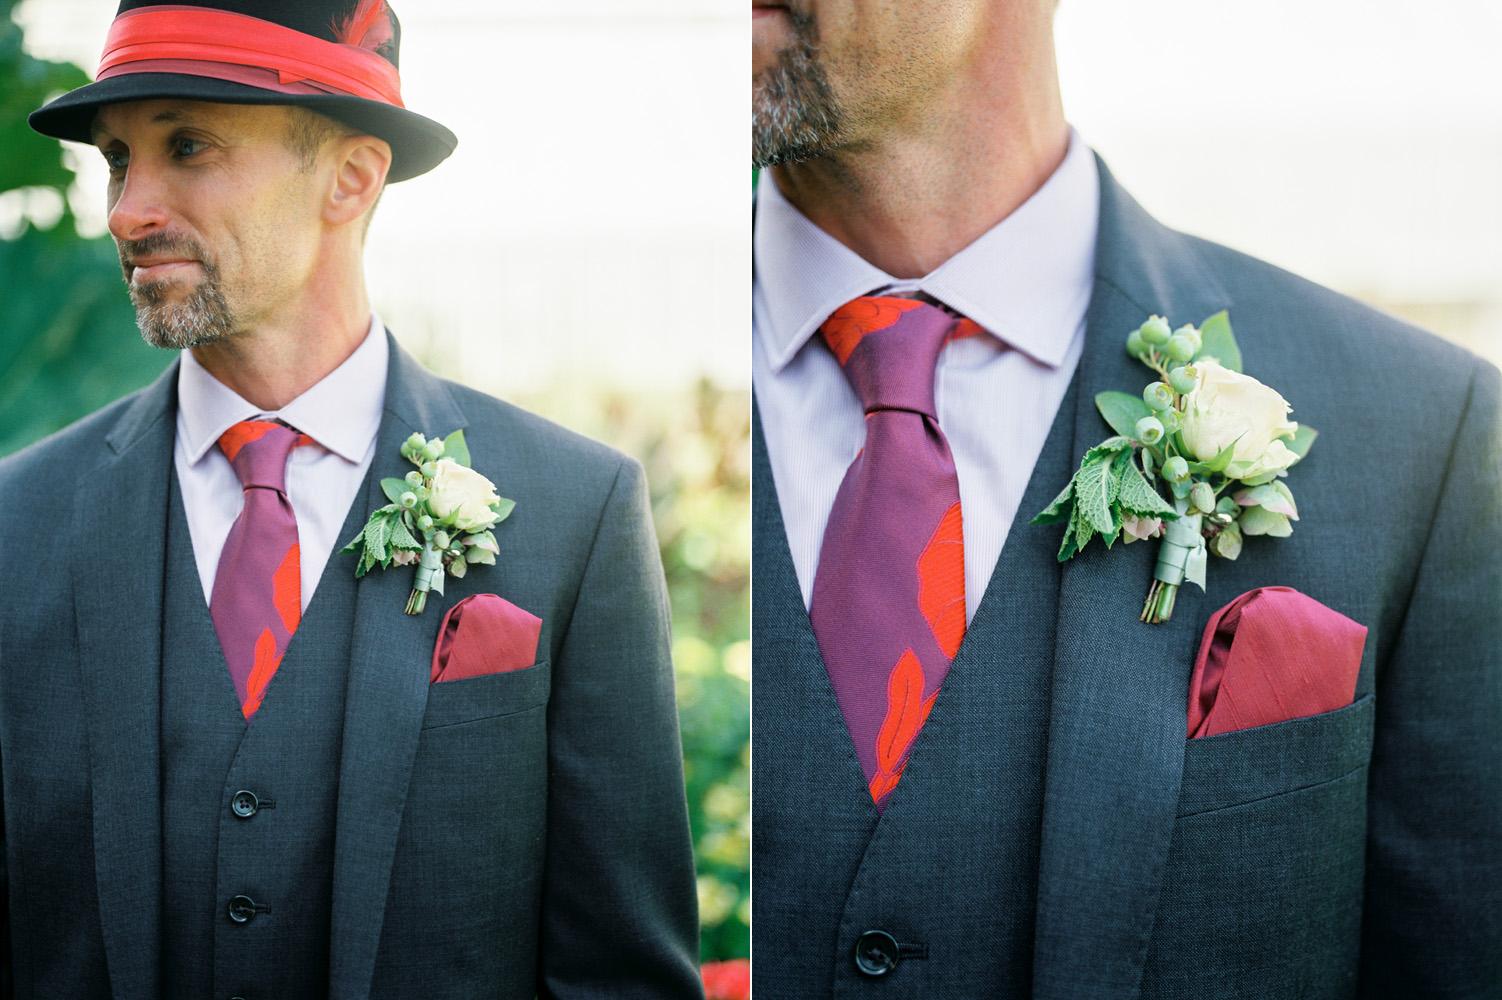 seattle groom red pocket square volunteer park wedding.jpg